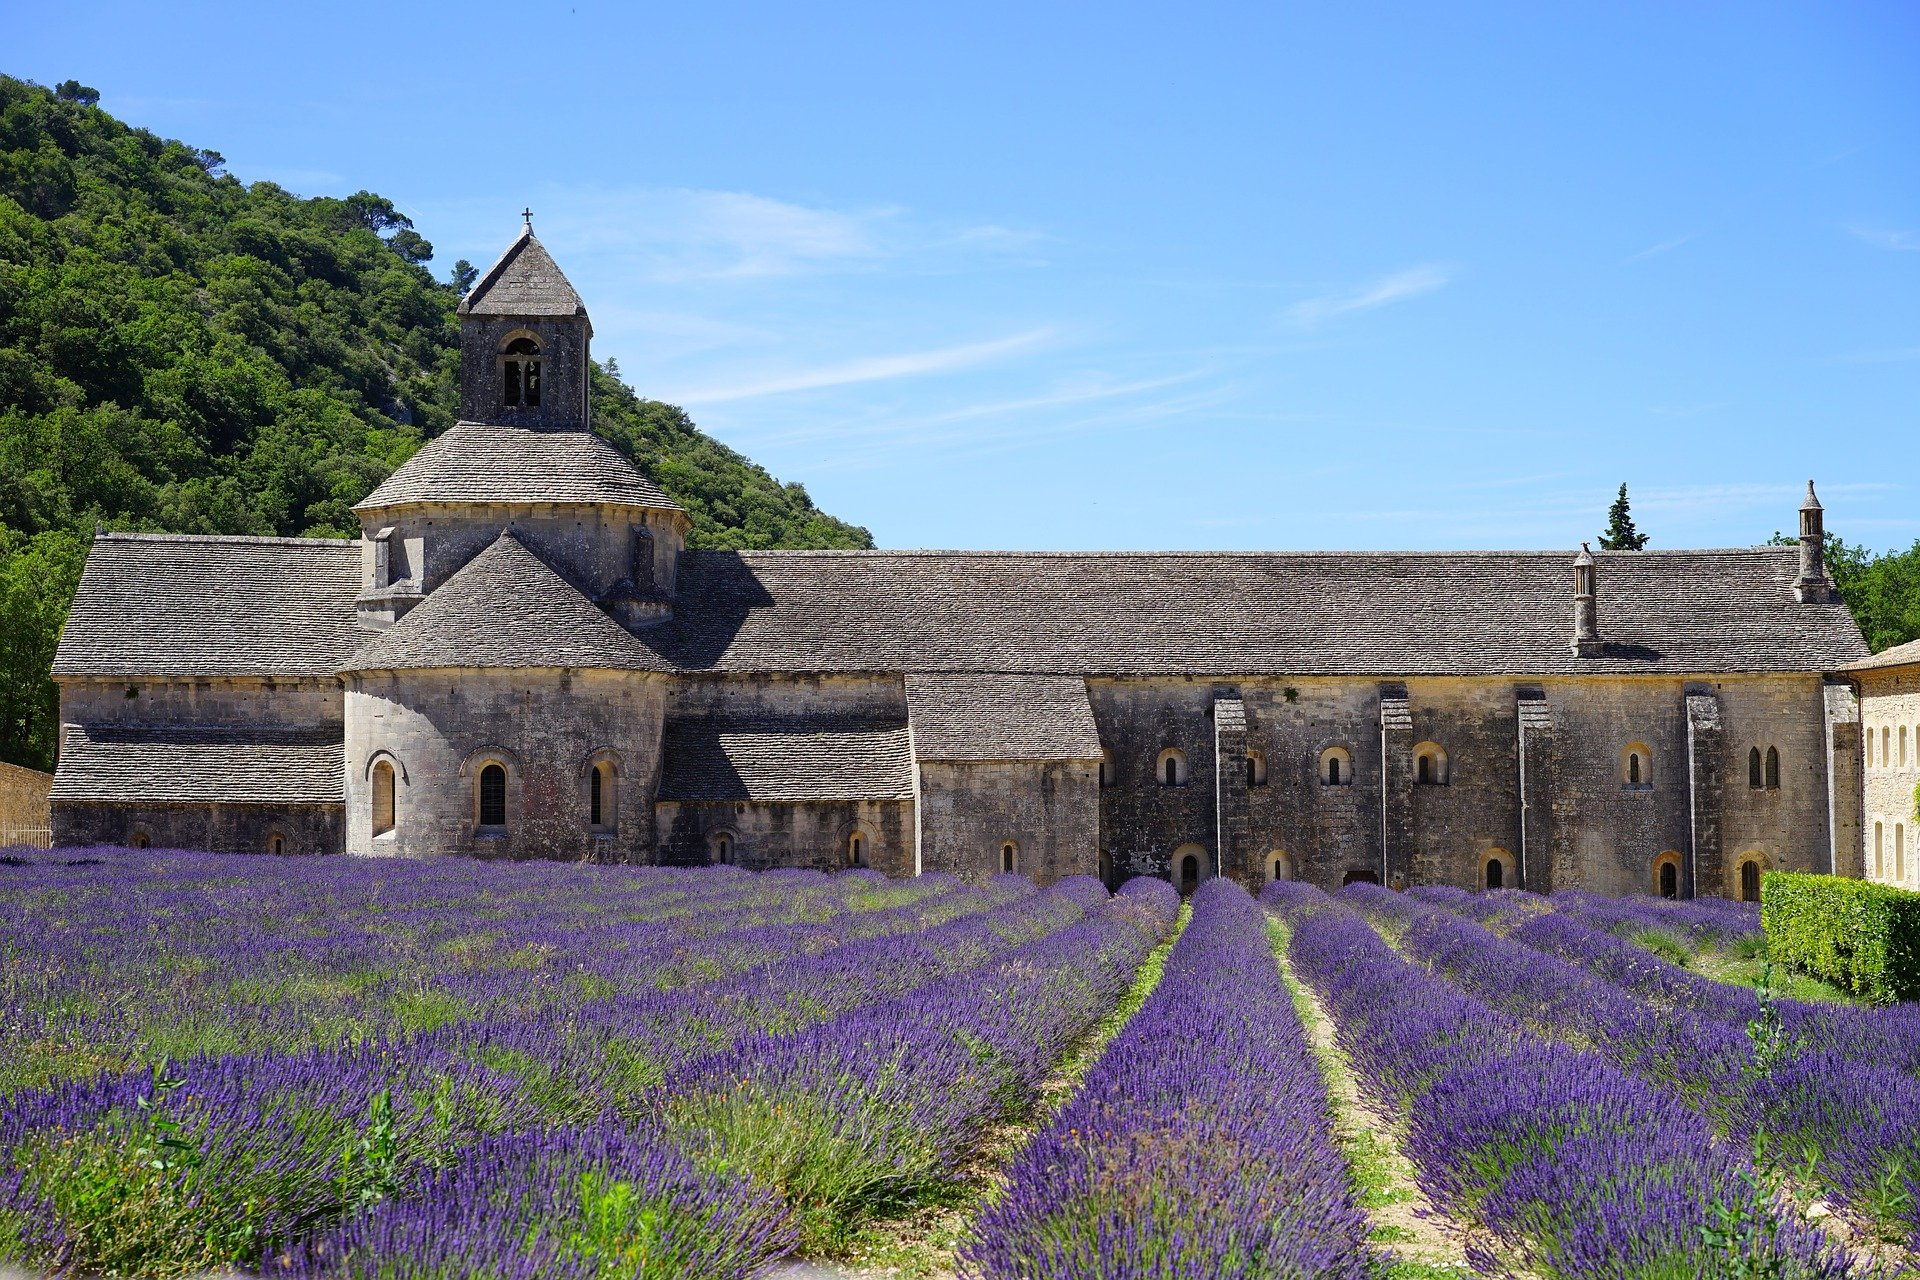 abbaye-de-senanque-1595649_1920 (1)